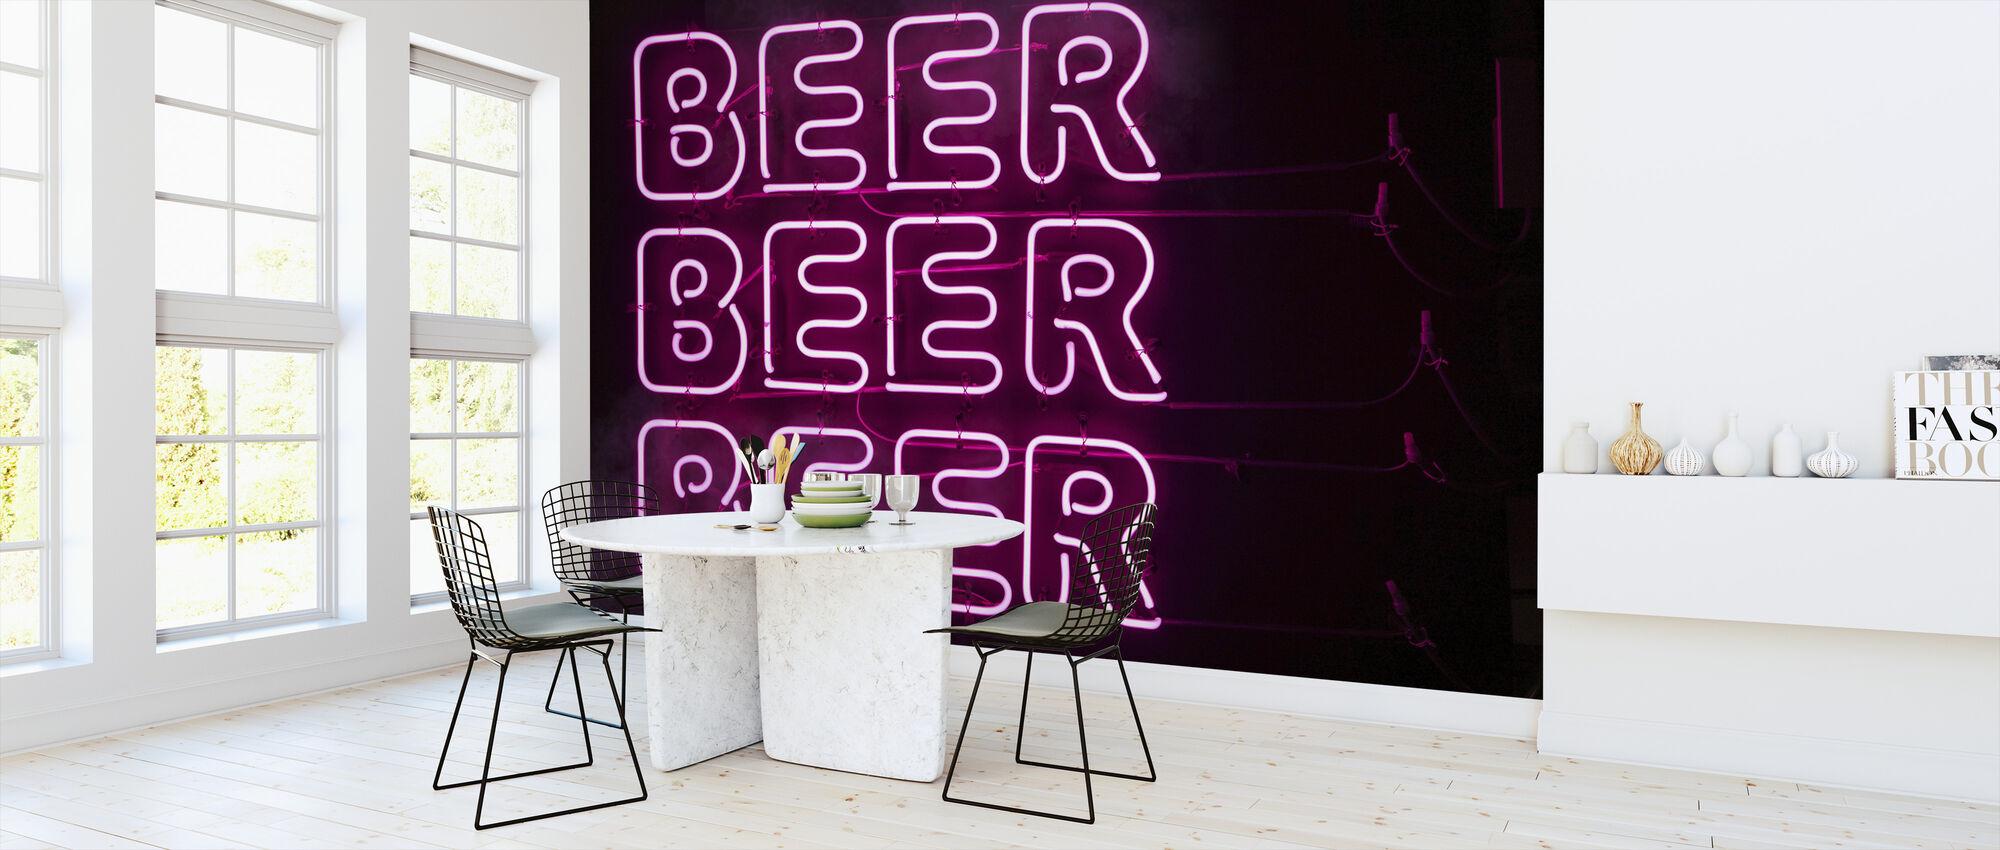 Bier Bier Bier - Behang - Keuken